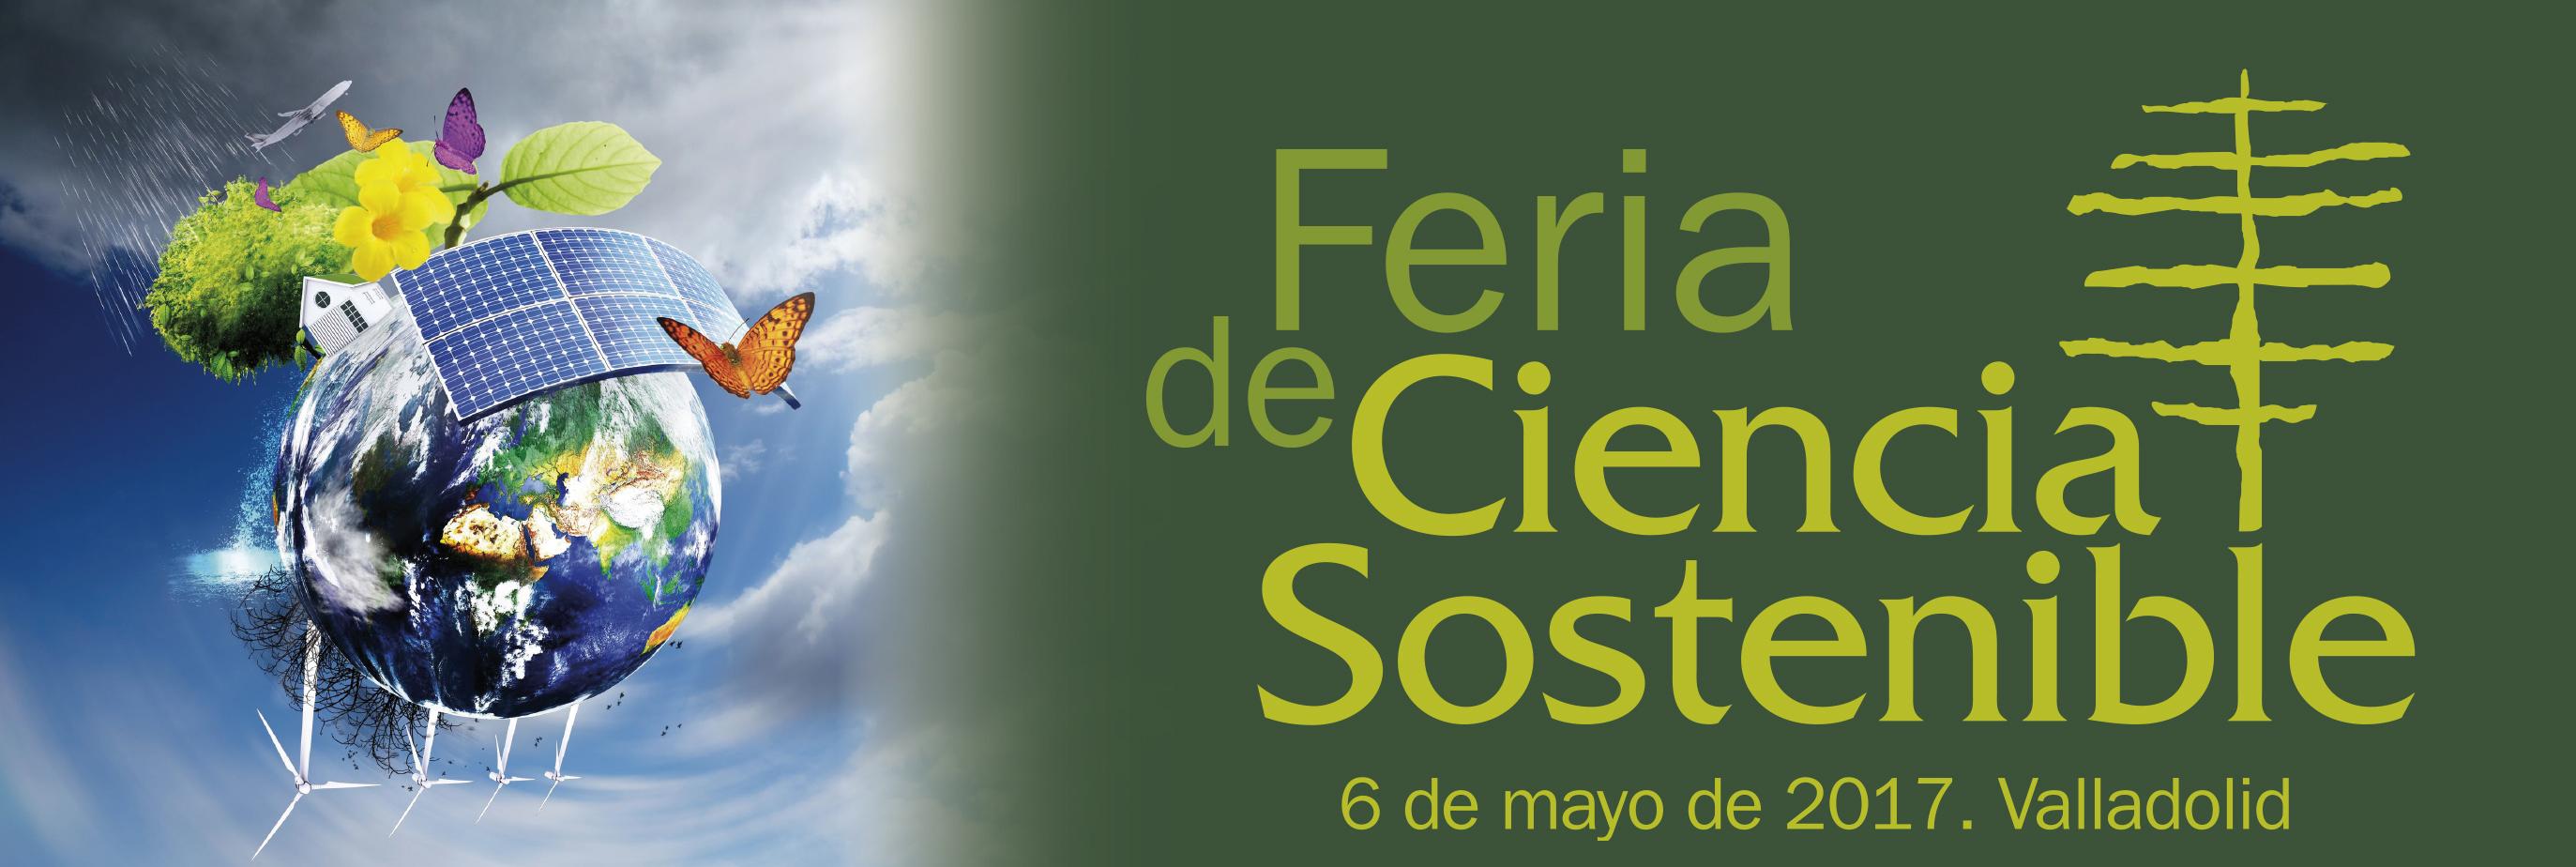 PCUVa CIENCIA SOSTENIBLE logo 3